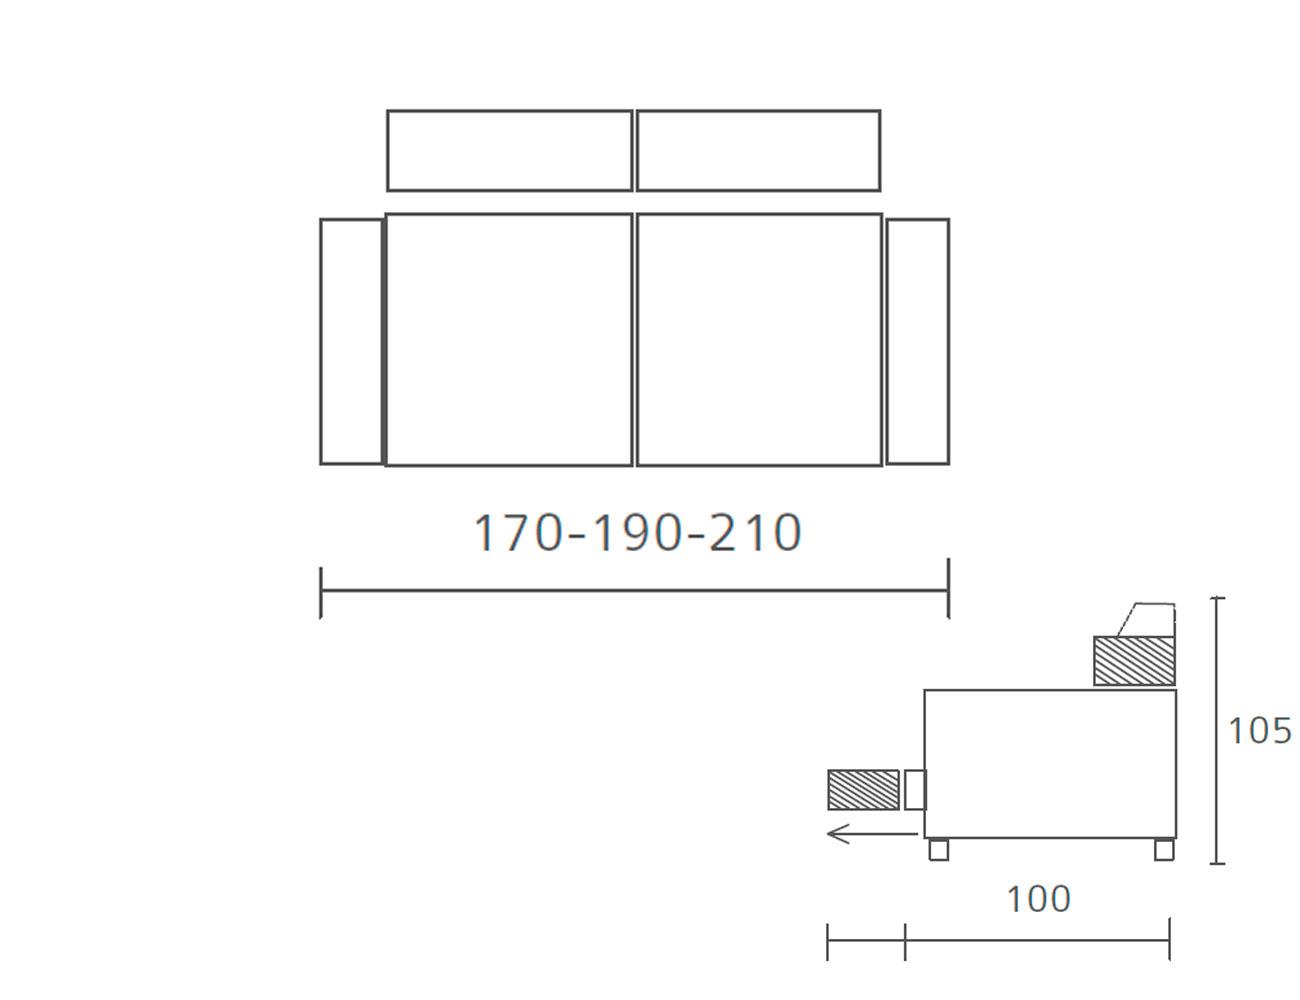 Sofa 120 190 21014